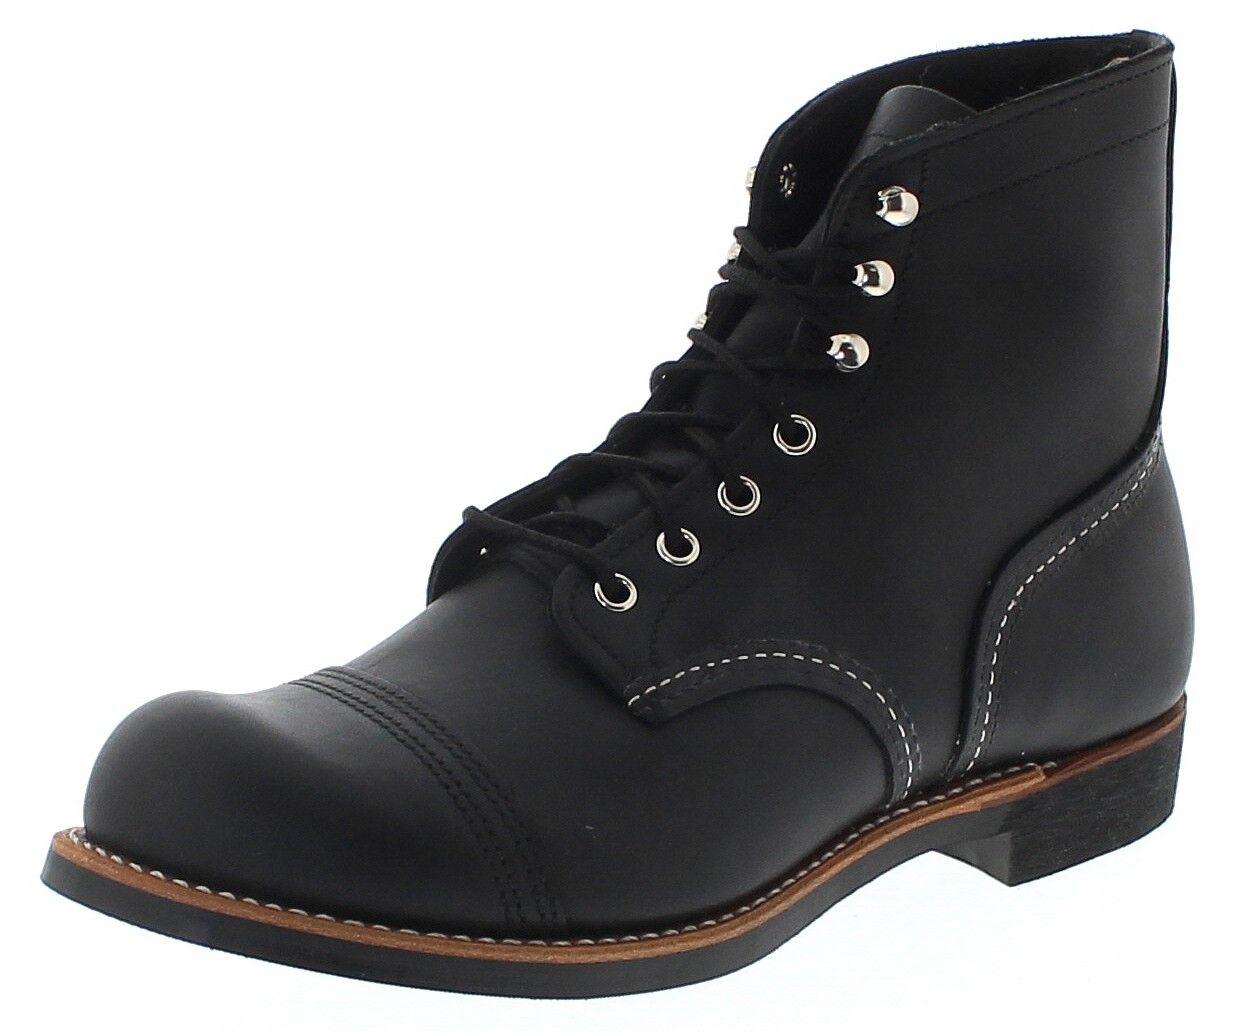 rouge Wing chaussures 8084 Iron Ranger Messieurs délaçage Noir